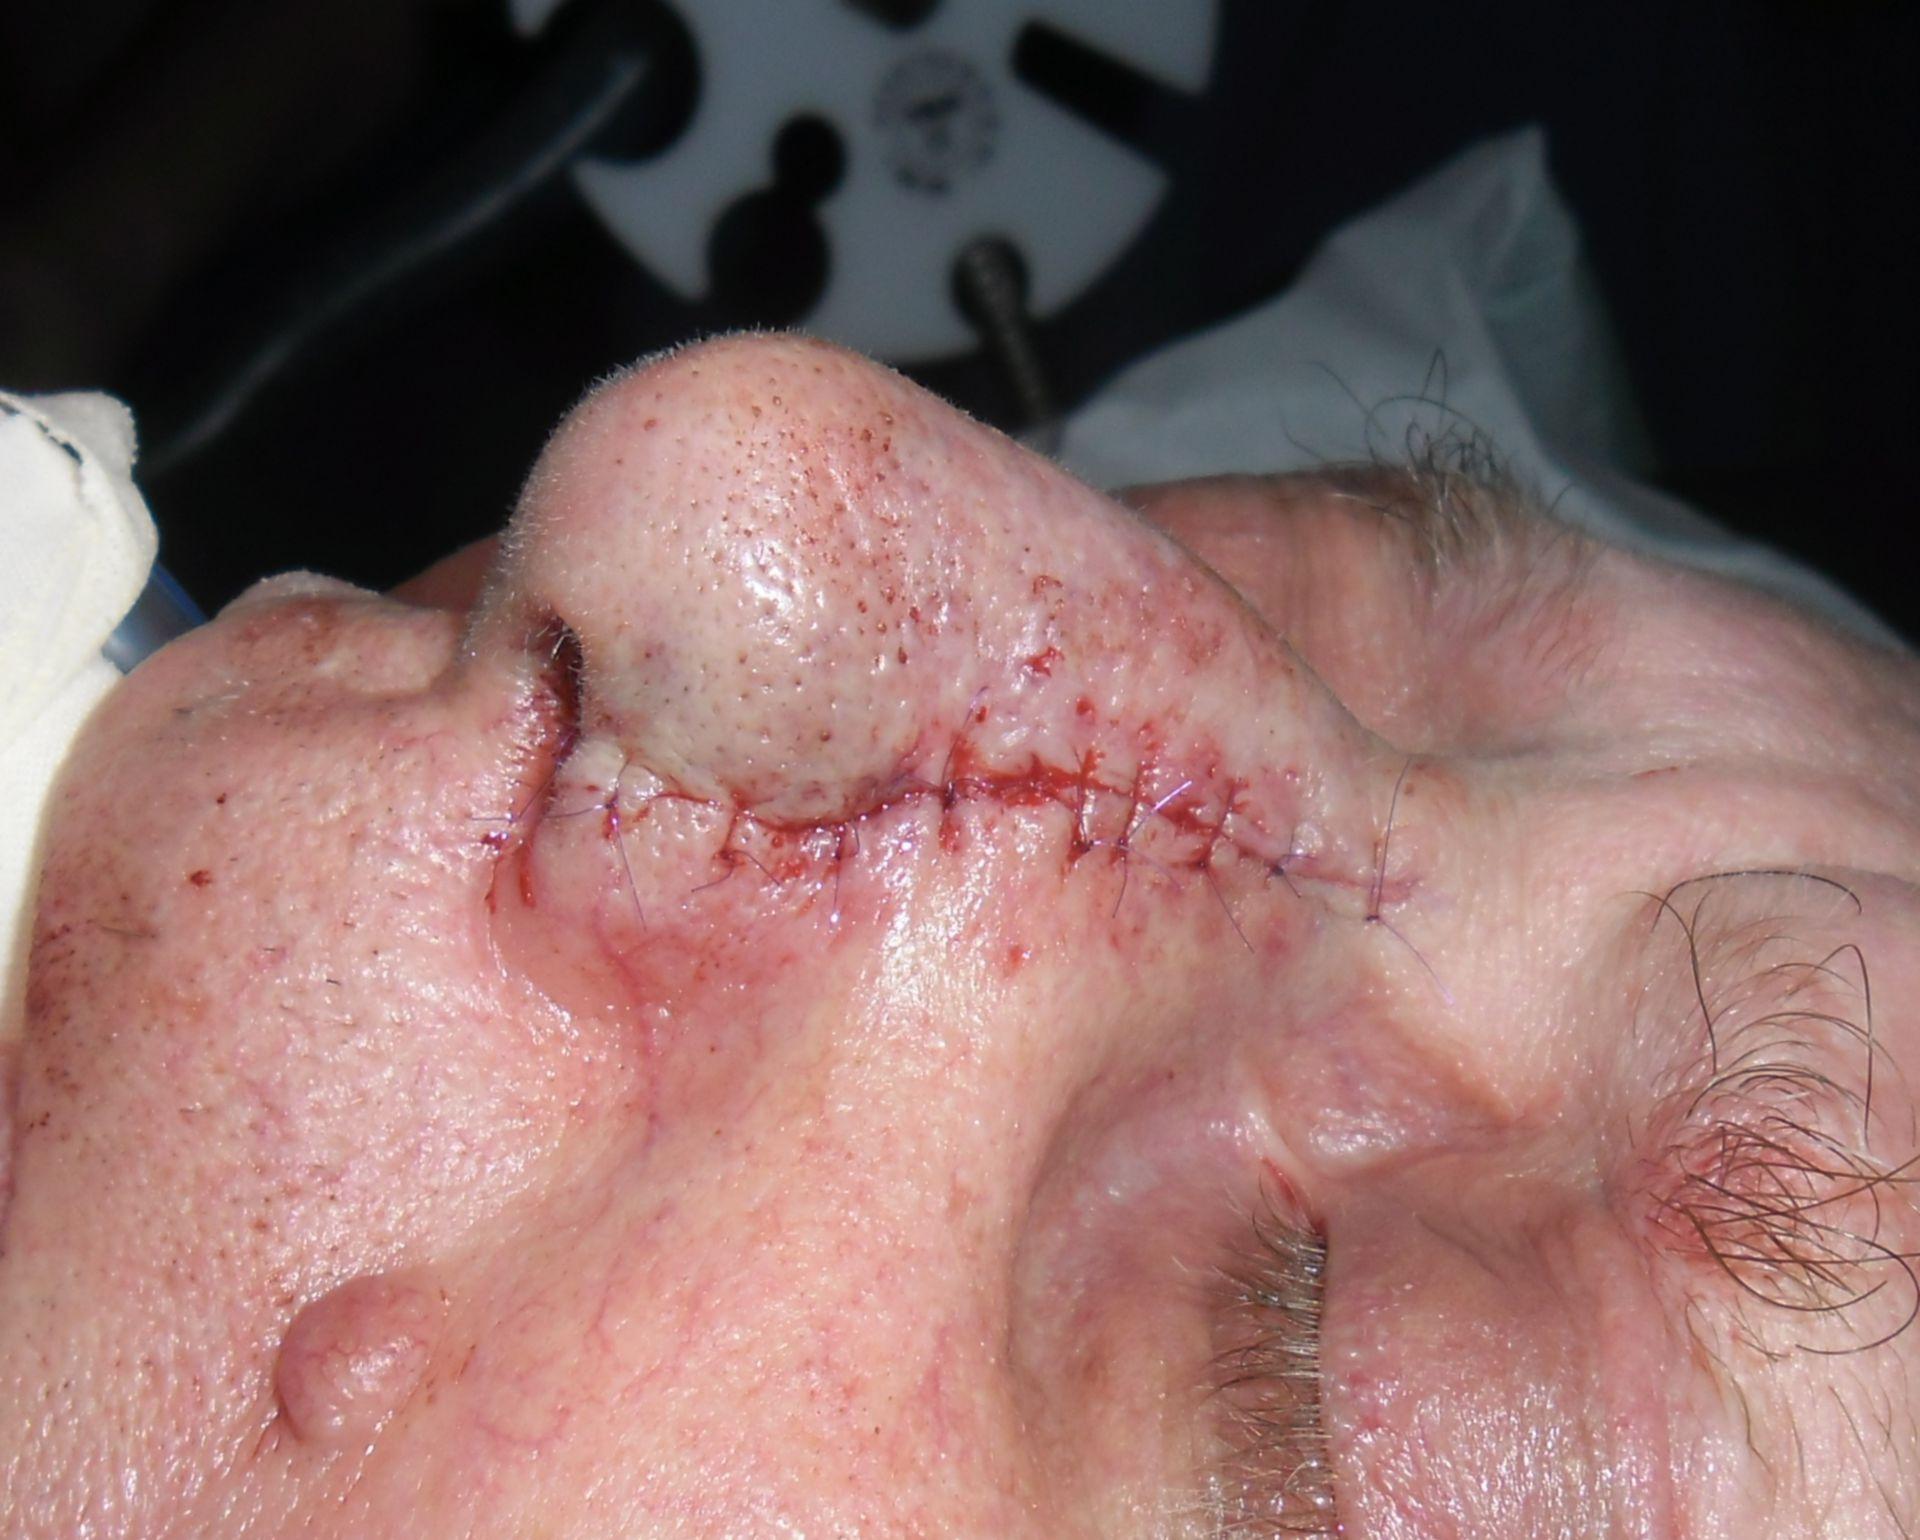 Plattenepihelkarzinom der Nase- postop.Ergebnis